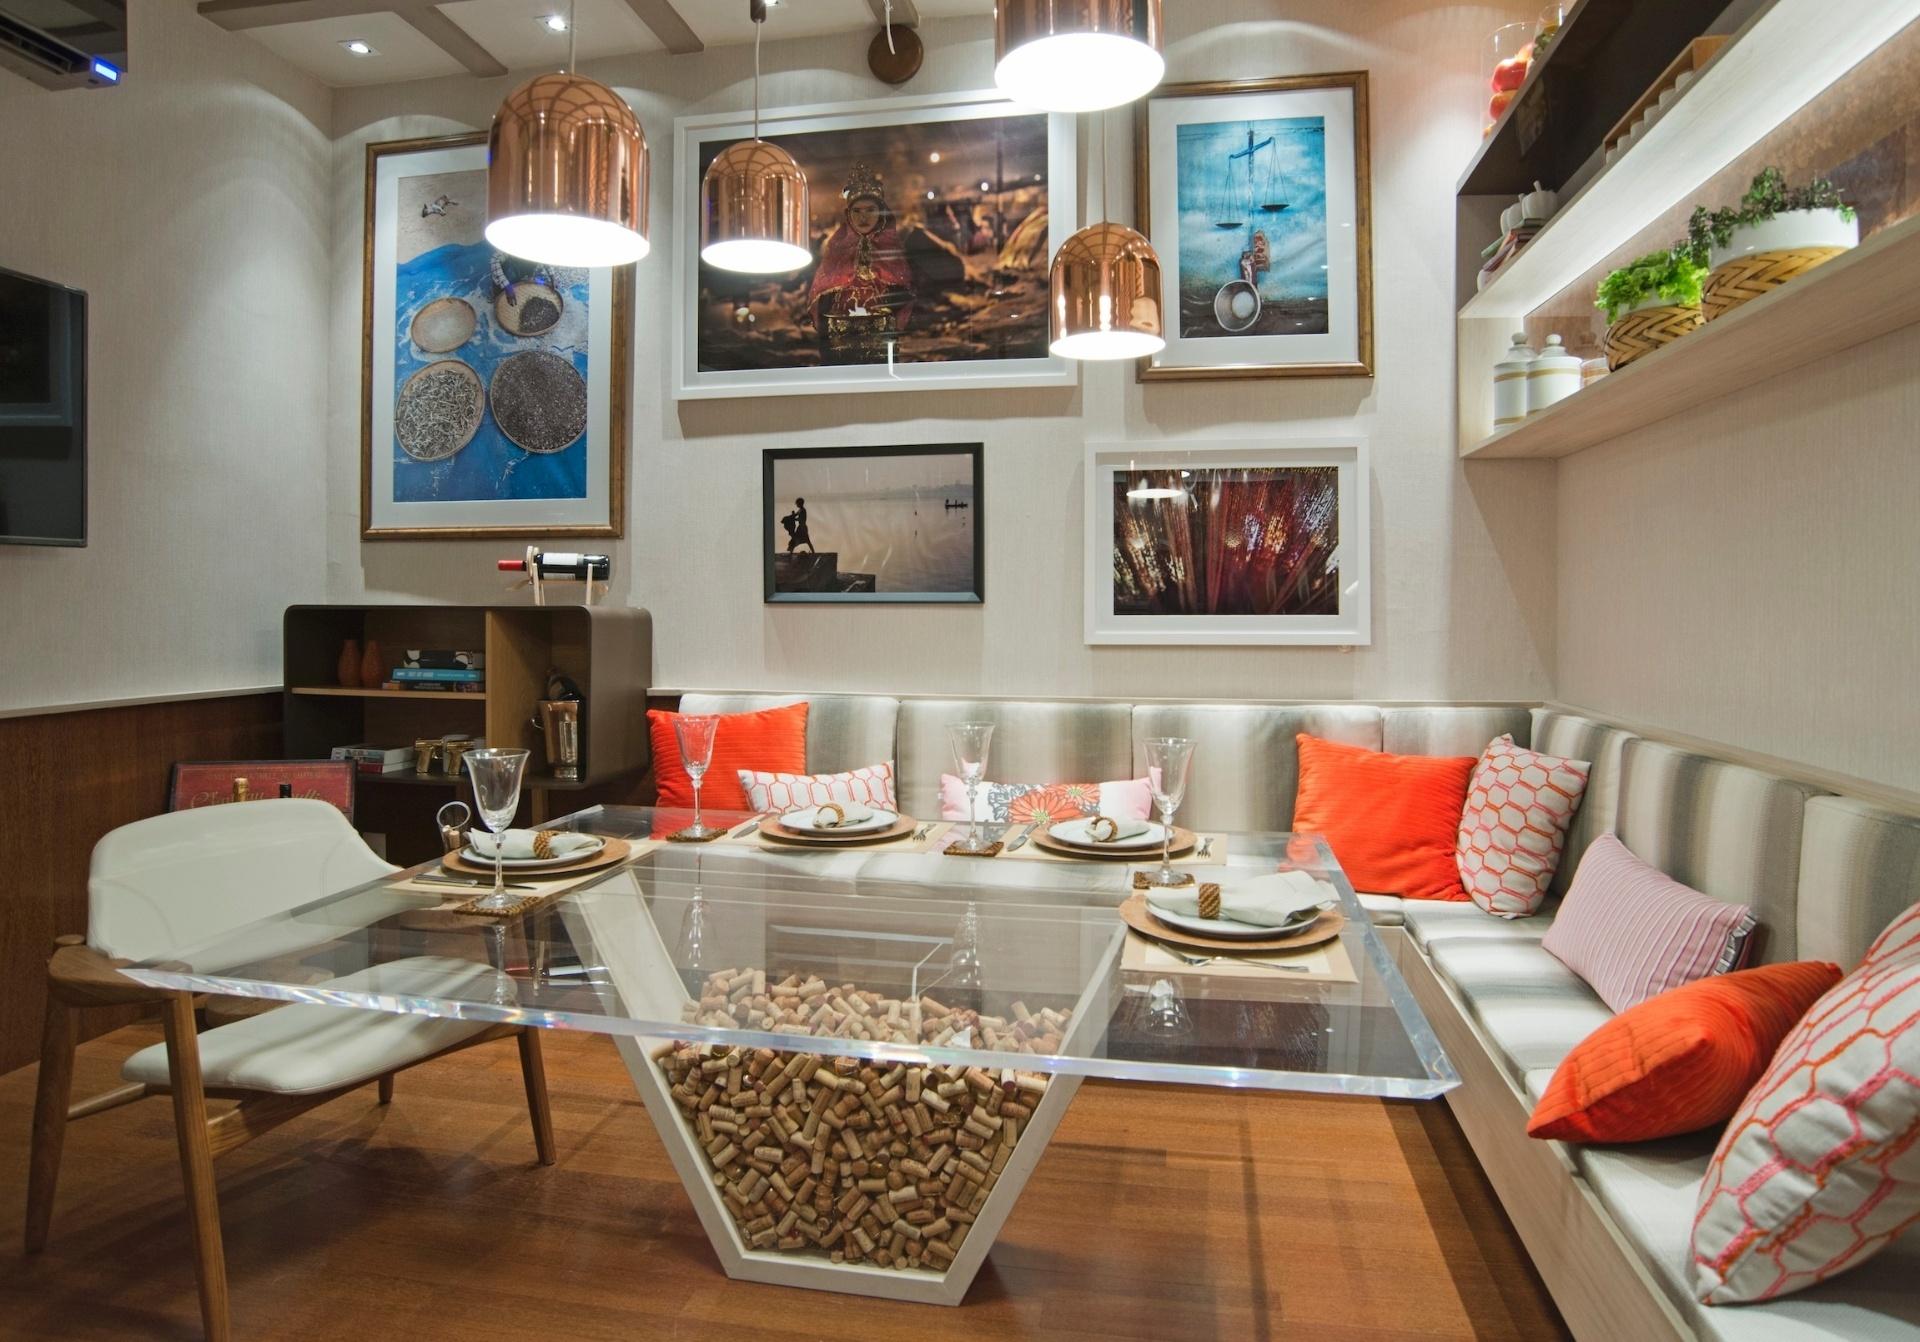 sala de almoco e integrada a cozinha foto 9 e ambos os ambientes sao  #B42F17 1920 1342